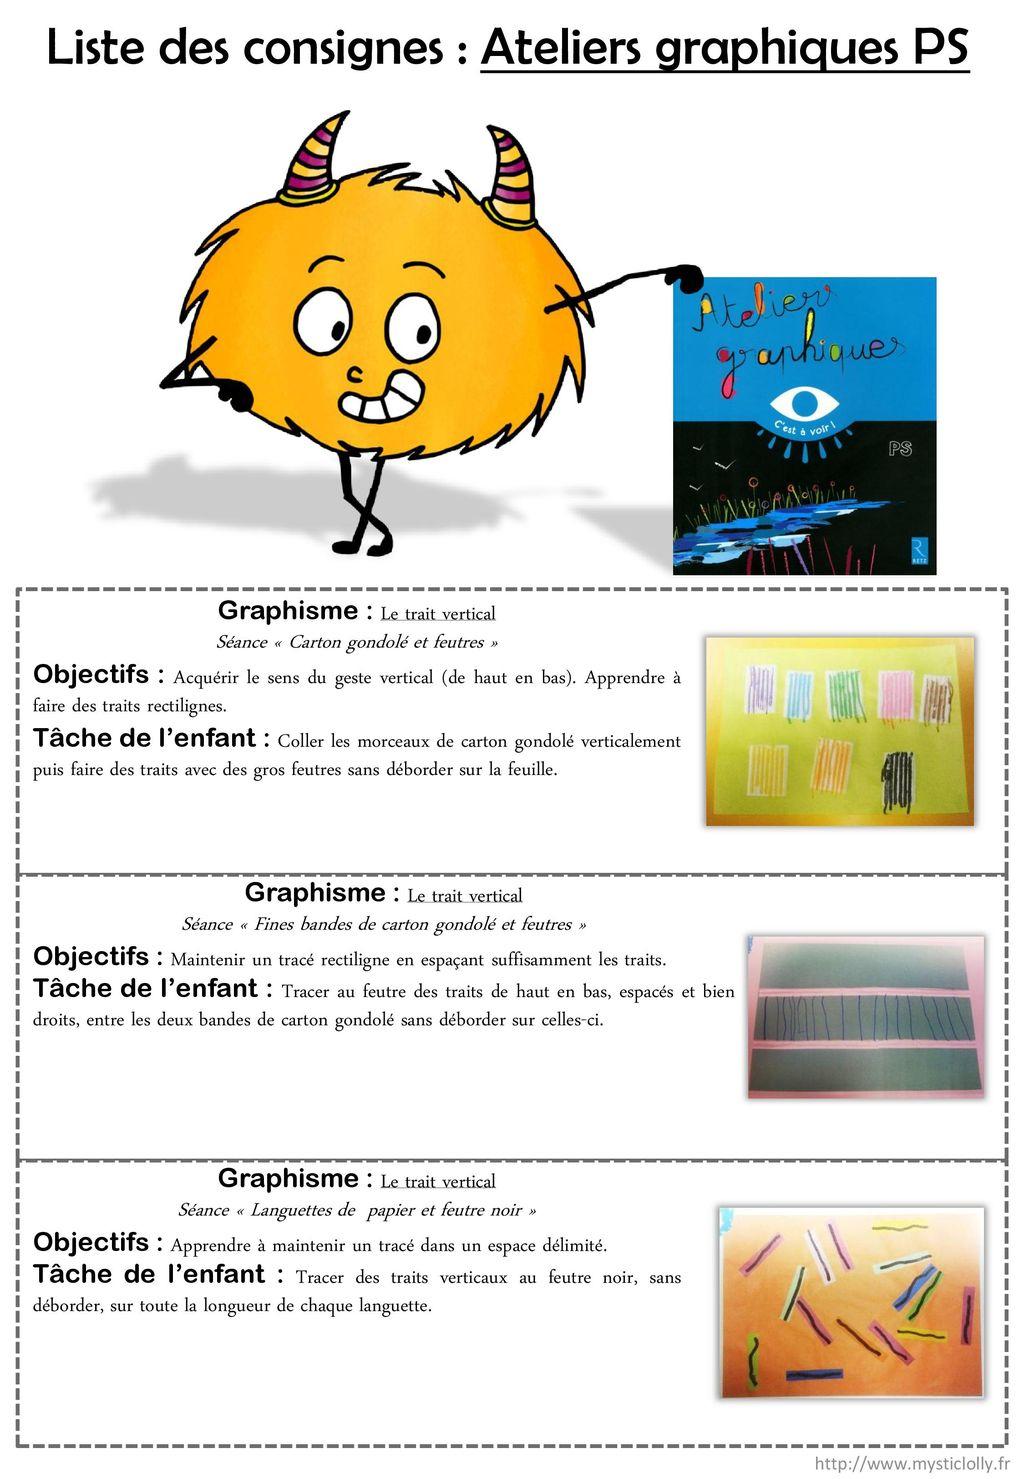 Liste Des Consignes : Ateliers Graphiques Ps - Ppt Télécharger encequiconcerne Graphisme Traits Verticaux